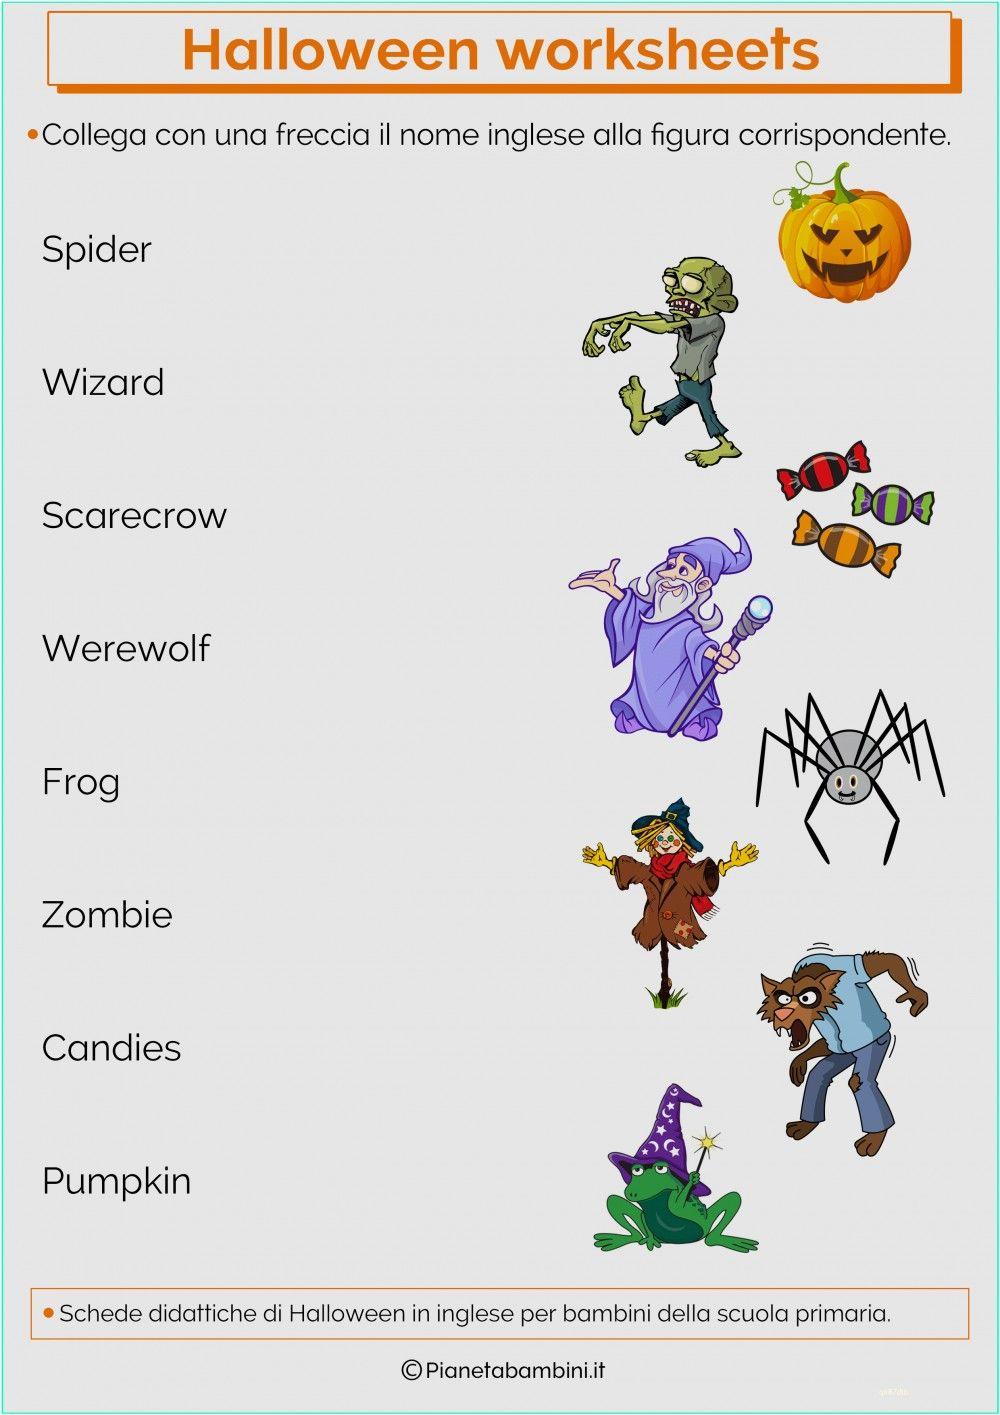 Schede Didattiche Di Halloween In Inglese Per La Scuola